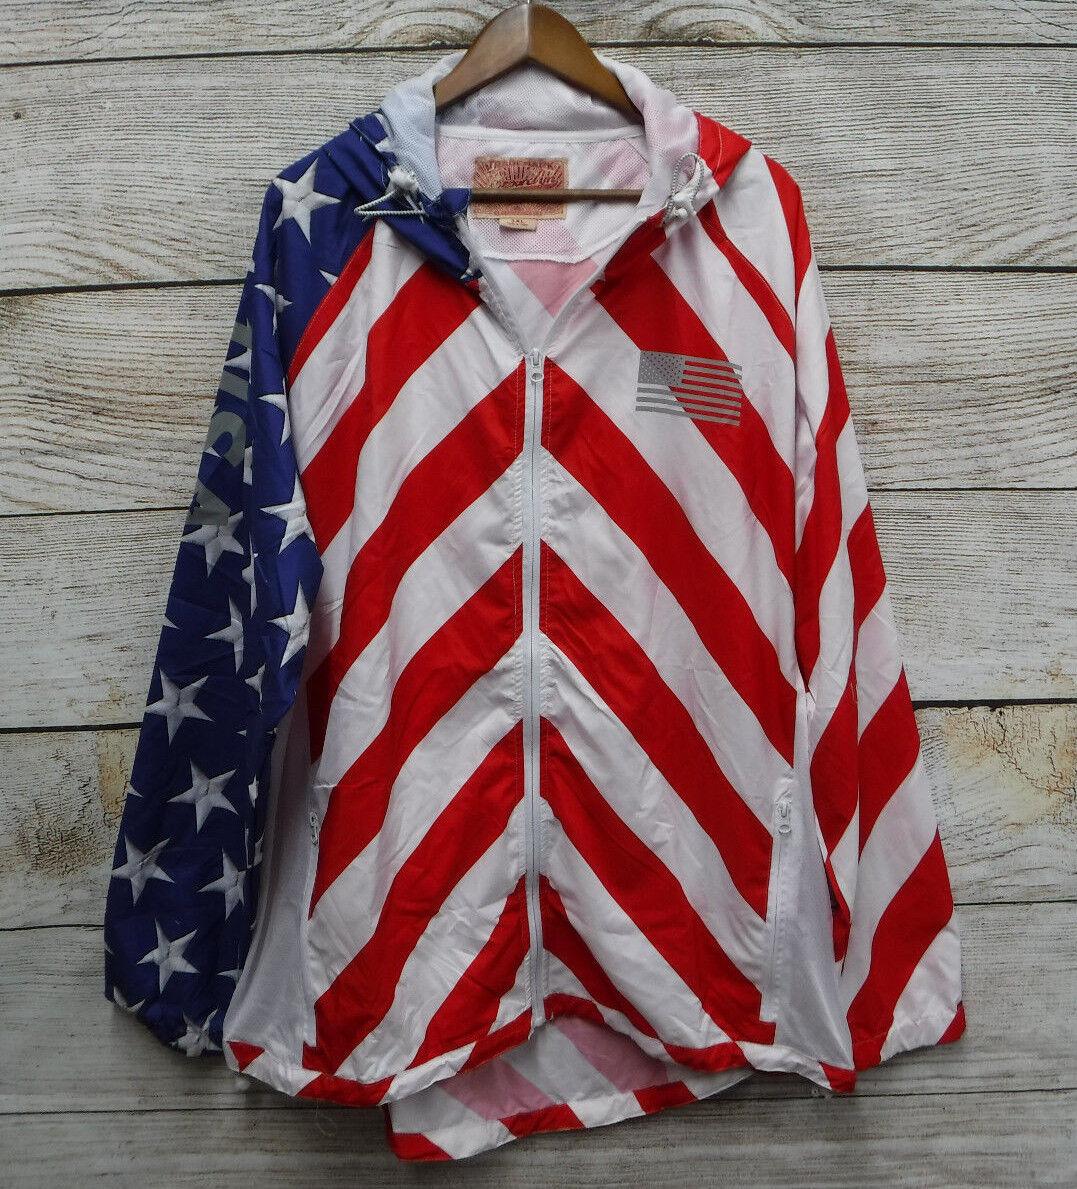 Brooklyn Cloth Big & Tall Mens Size 4XL Patriotic Windbreake